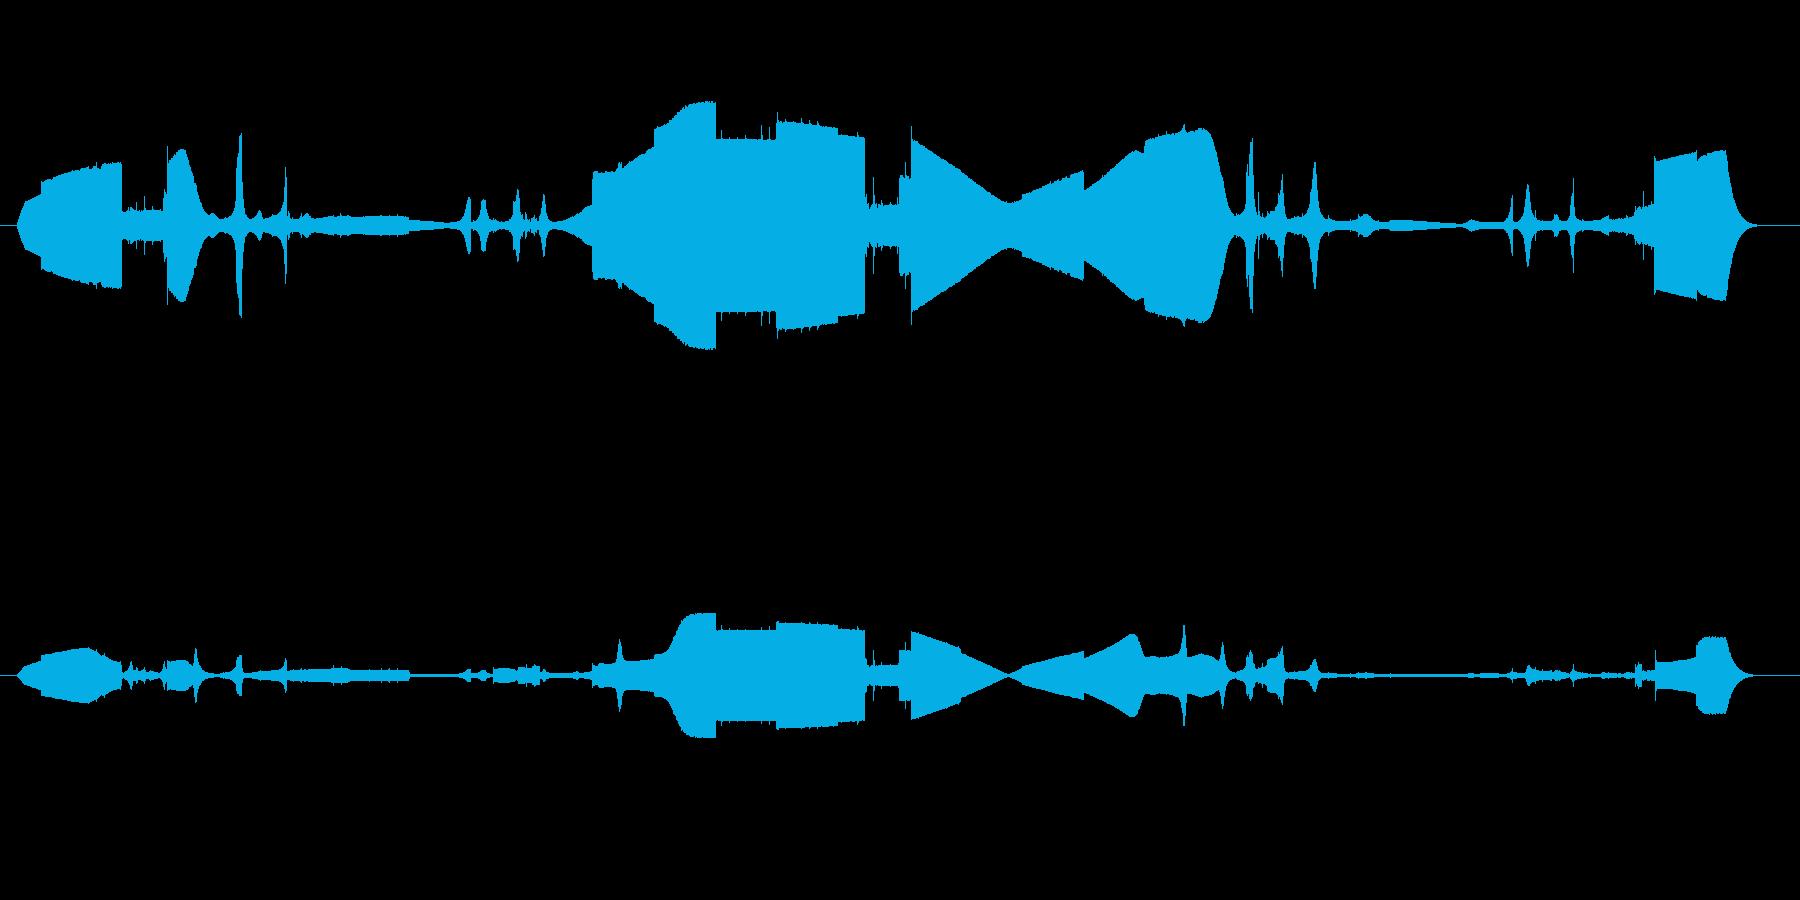 機械 ランダム計算03の再生済みの波形